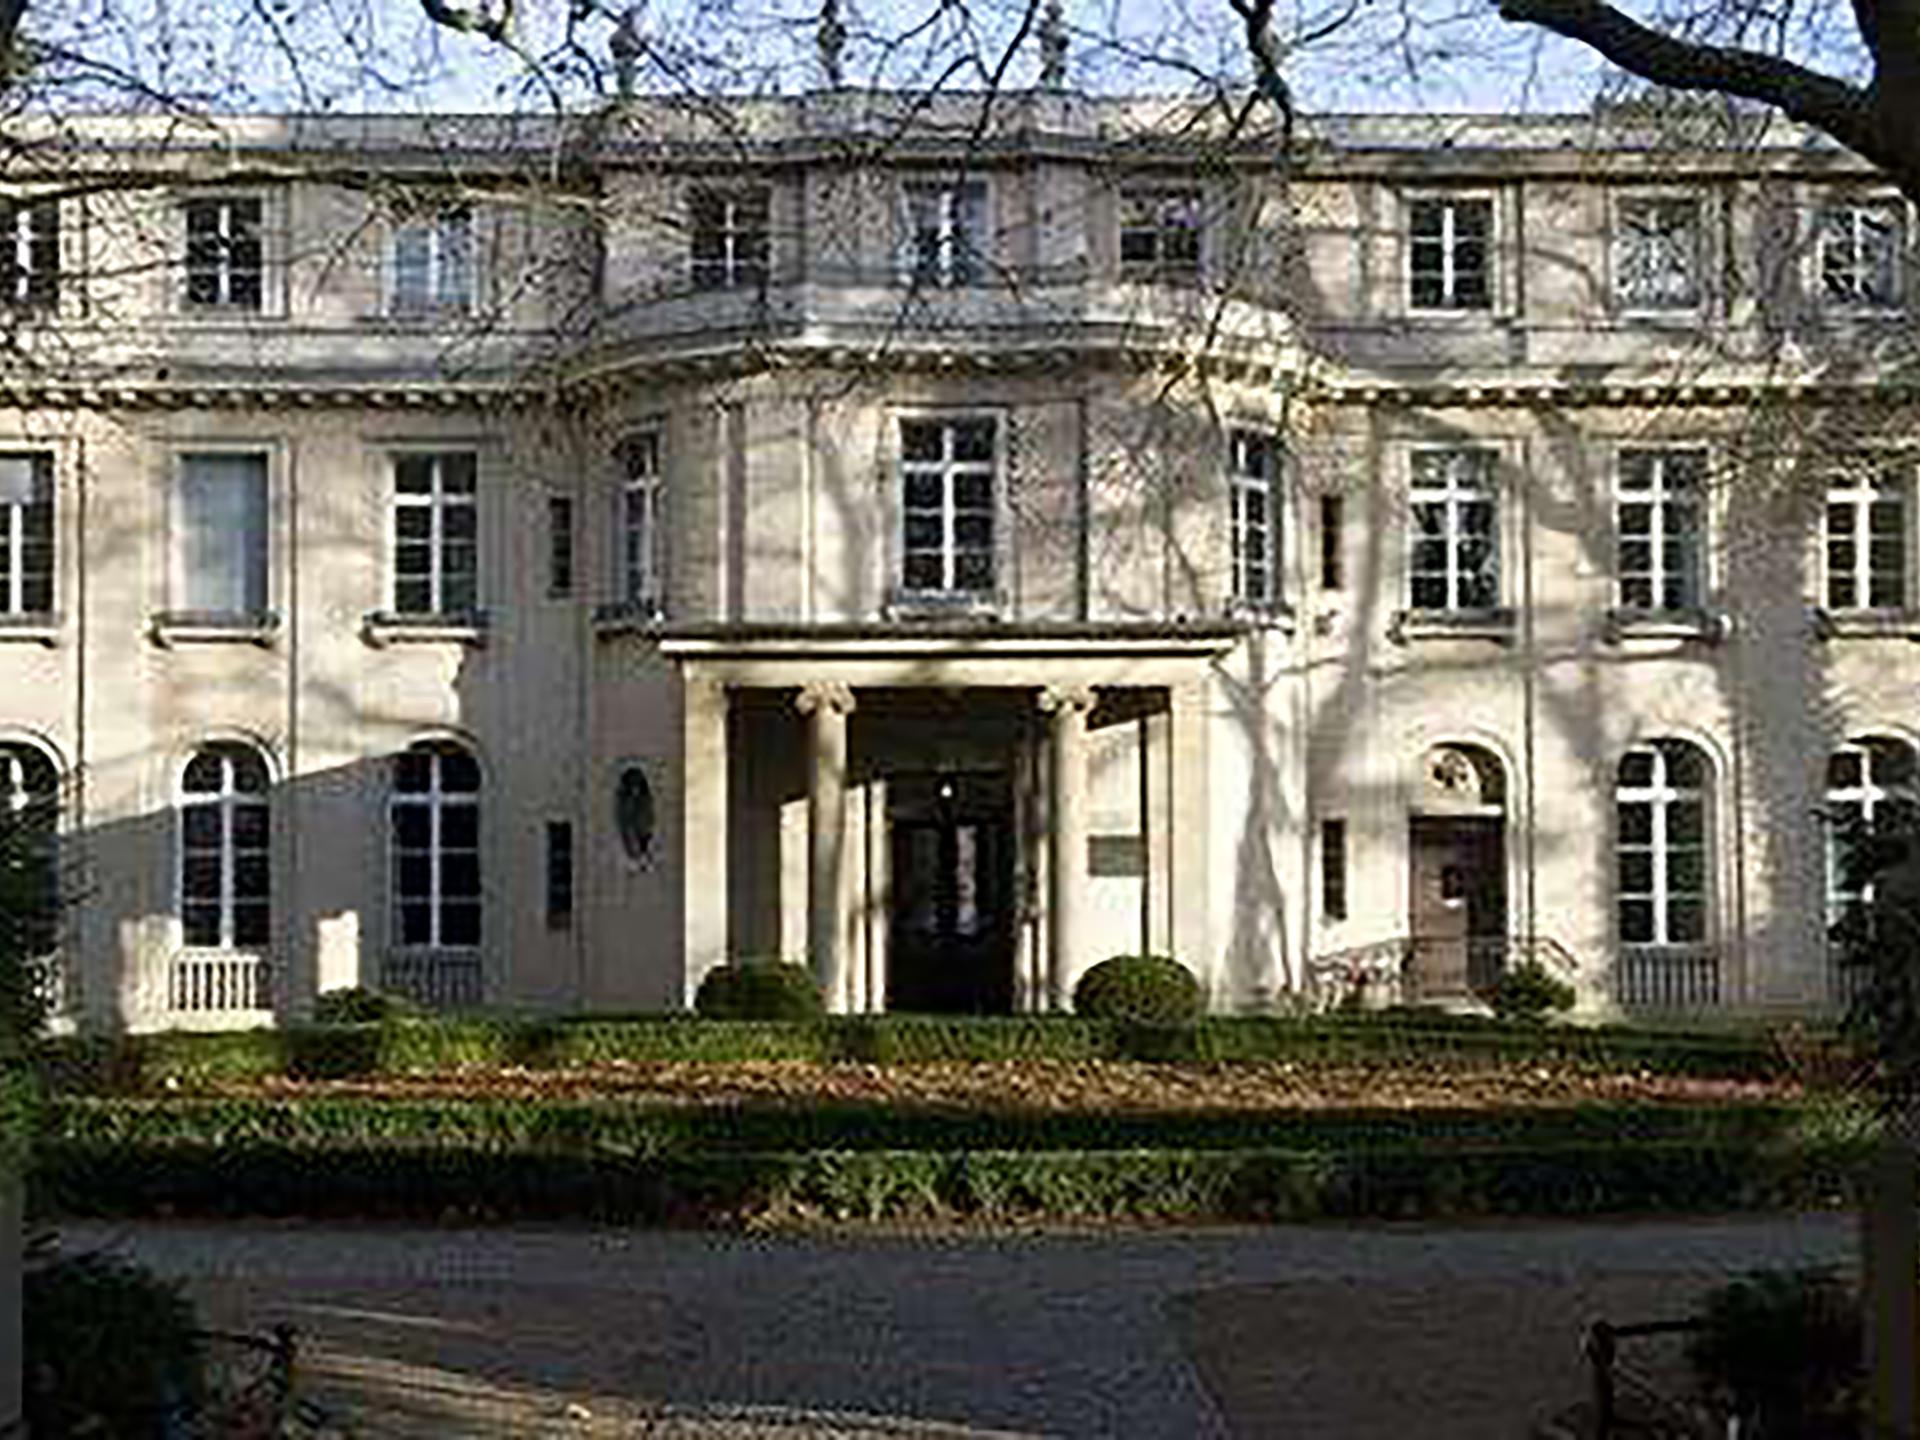 El Origen del mal: De Wannsee a Nuremberg